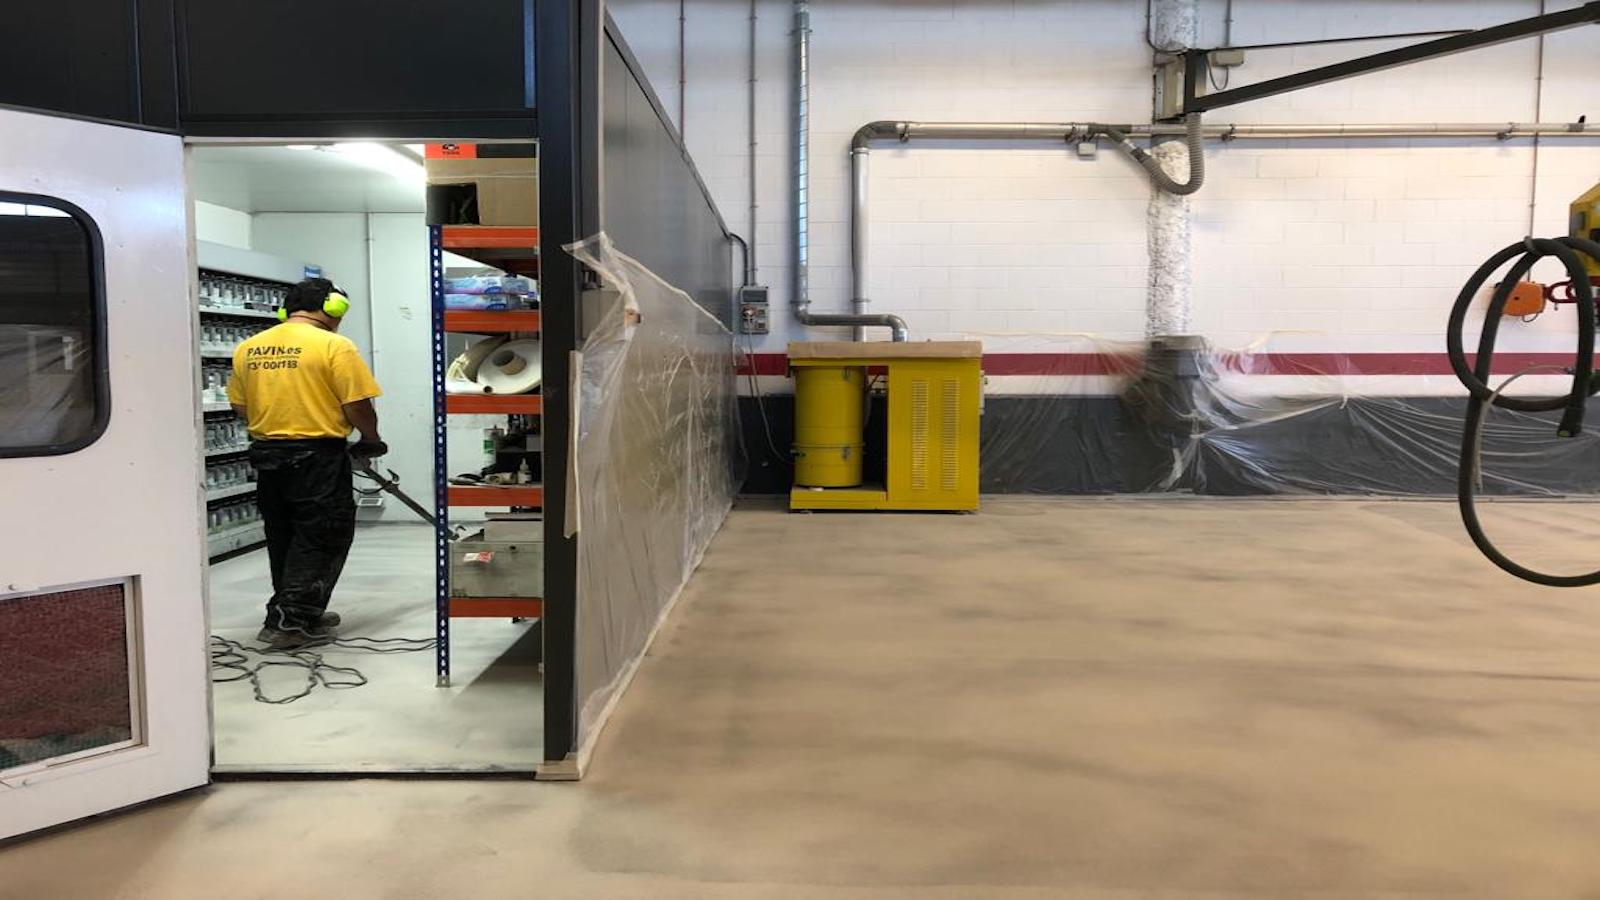 Pavimento industrial para taller de chapa y pintura